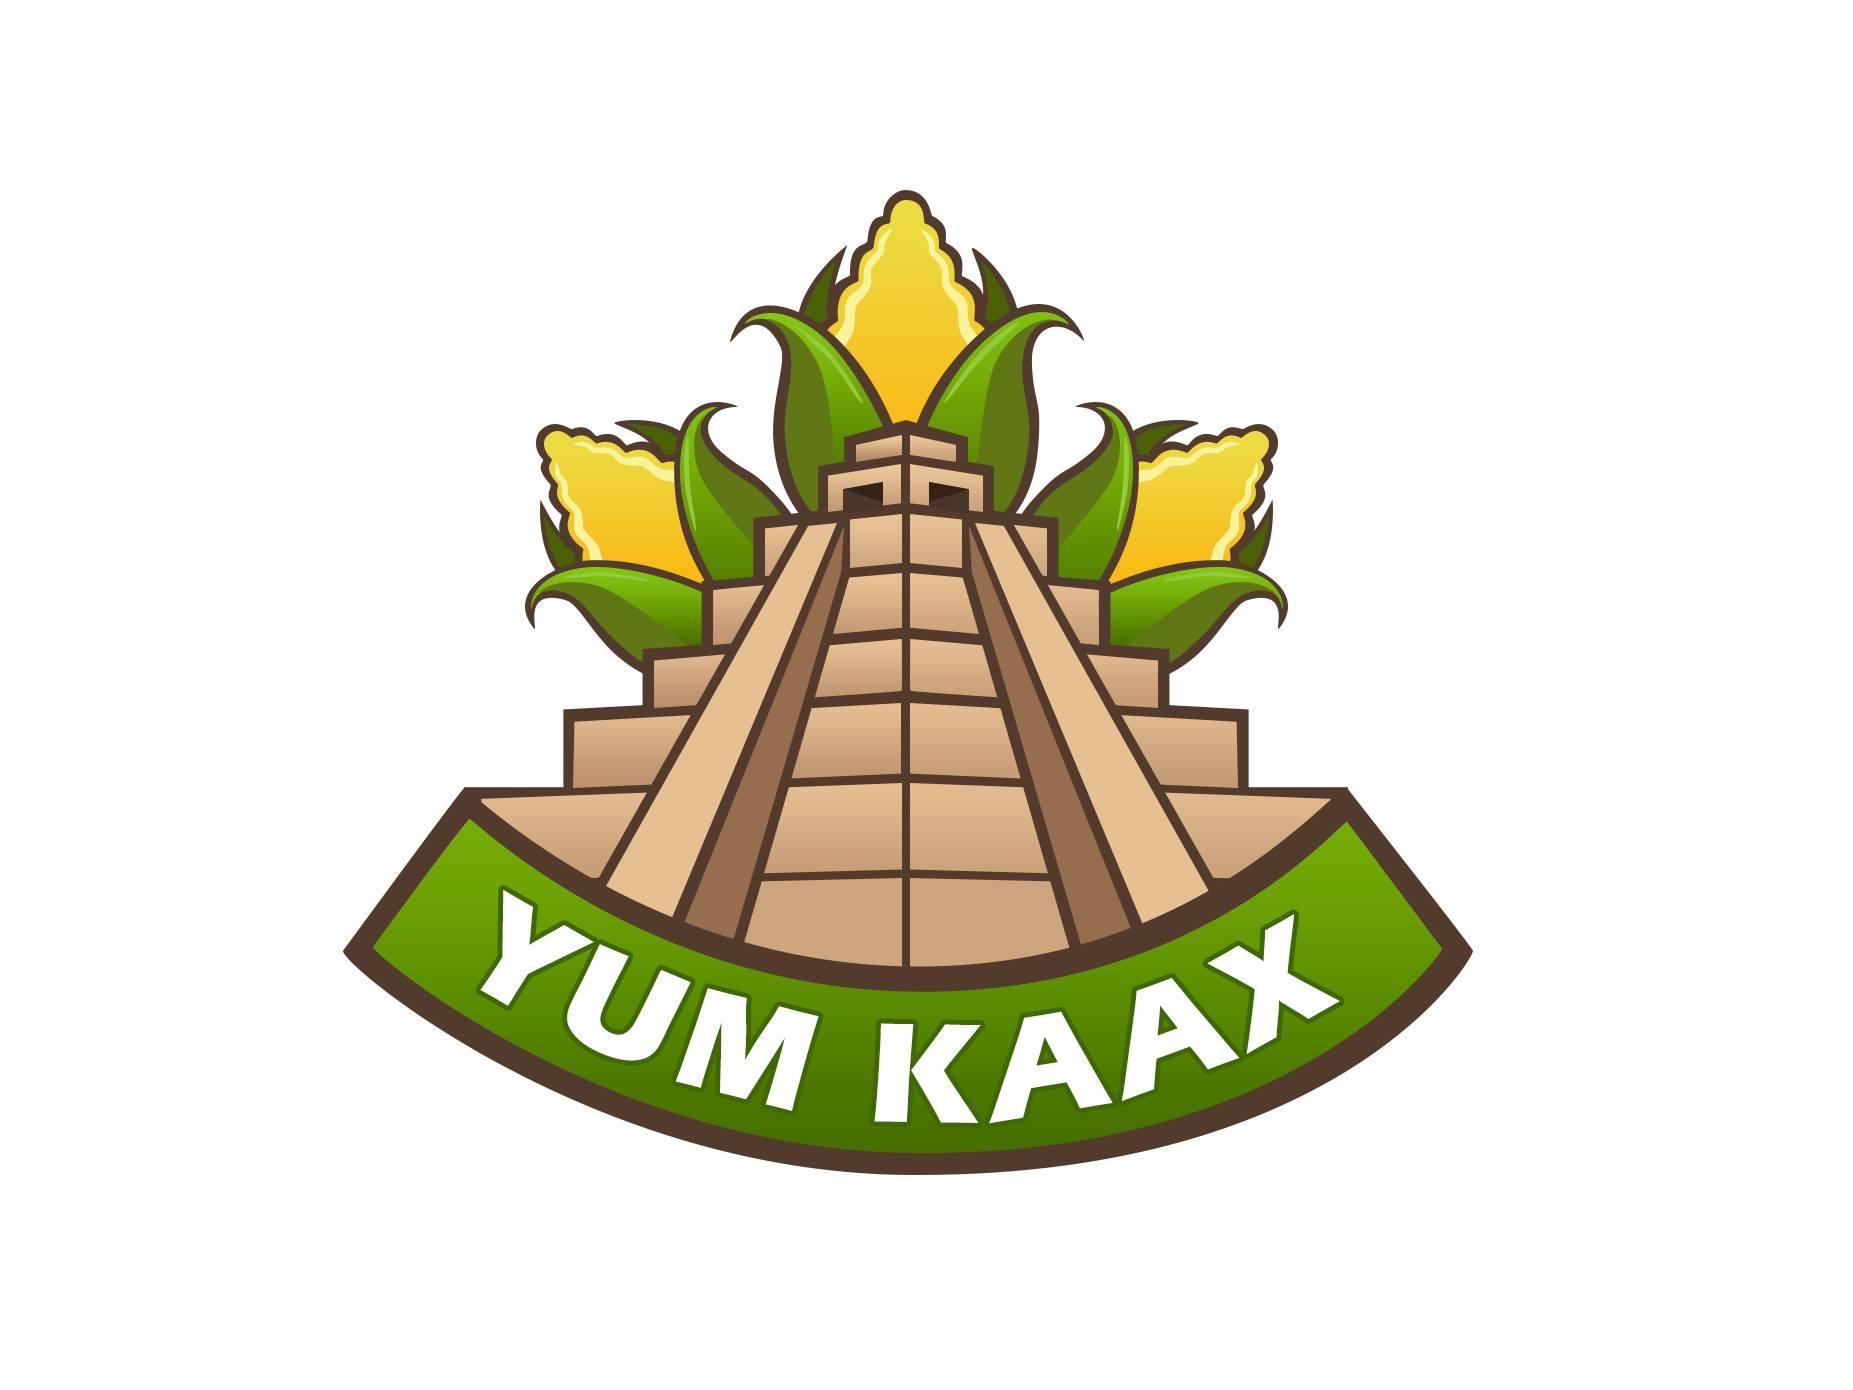 yum-kaax